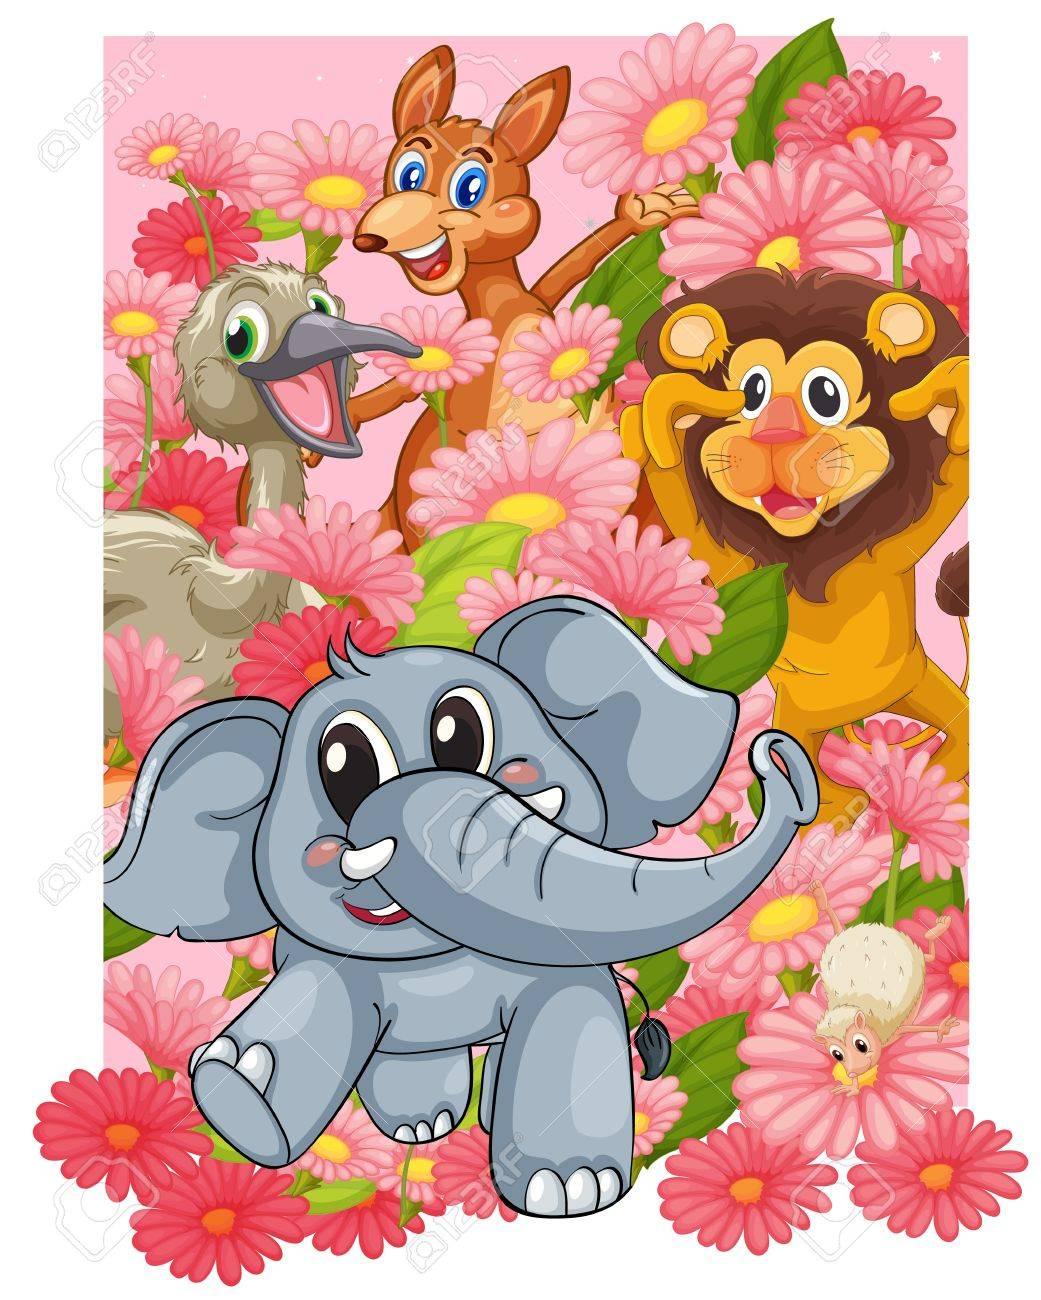 花の中に様々 な動物のイラスト ロイヤリティフリークリップアート